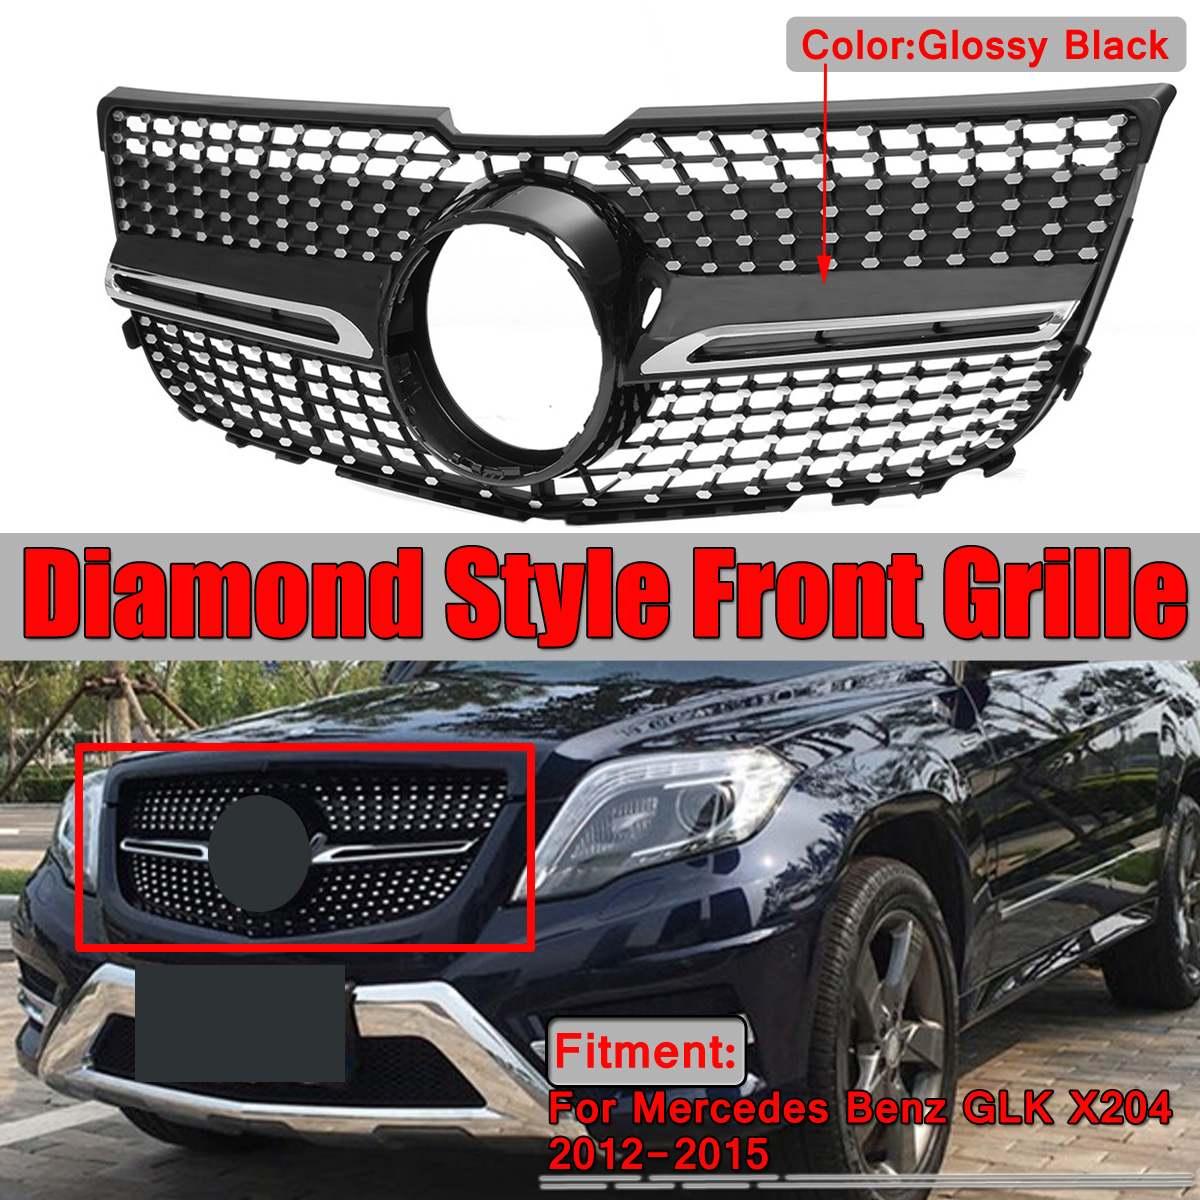 Calandre noire/chromée X204 pour pare-chocs avant de voiture pour Mercedes pour Benz GLK X204 GLK250 GLK300 GLK350 2012-2015